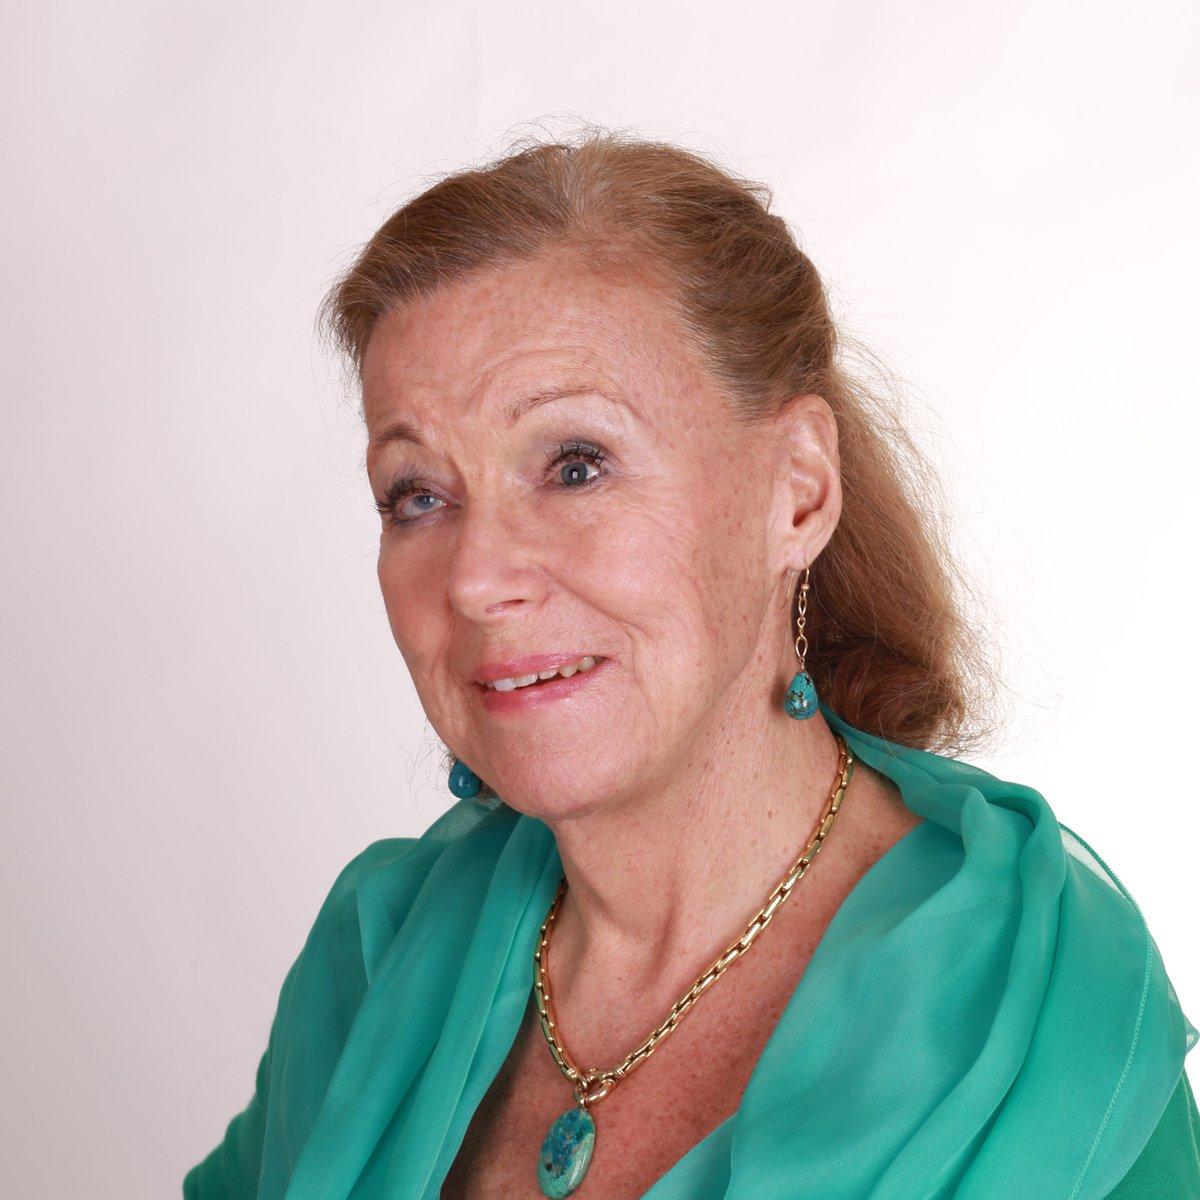 test Twitter Media - Ik ben bedroefd door het bericht dat prinses Christina op 72-jarige leeftijd is overleden. Haar betrokkenheid en haar warme persoonlijkheid zullen door velen in binnen- en buitenland worden gemist.   Volledige reactie via  https://t.co/PR5ingdAMi https://t.co/SWAsTIHaBx